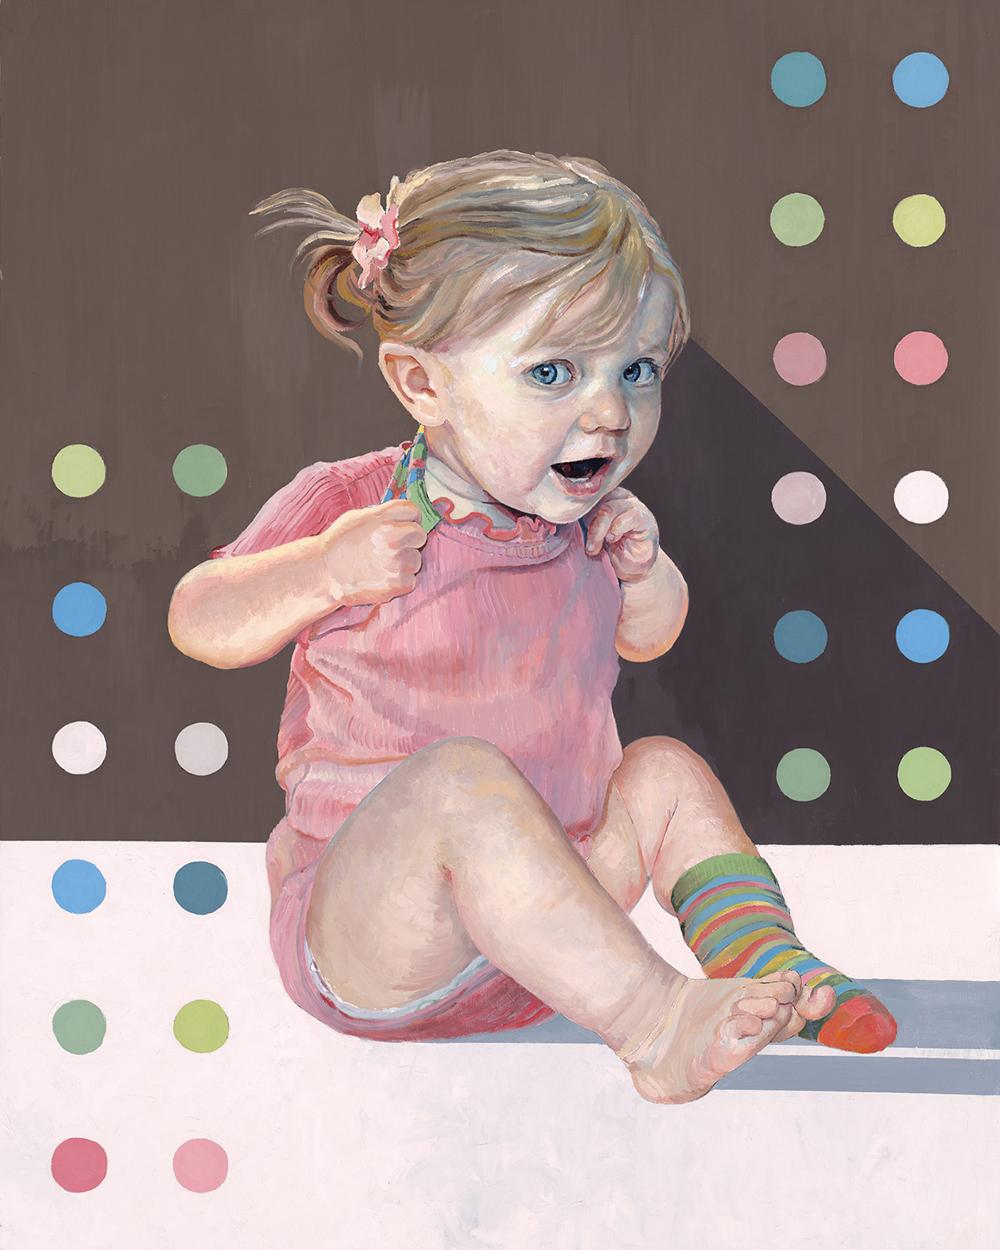 Gaylynn Ribeira, Socks and Dots